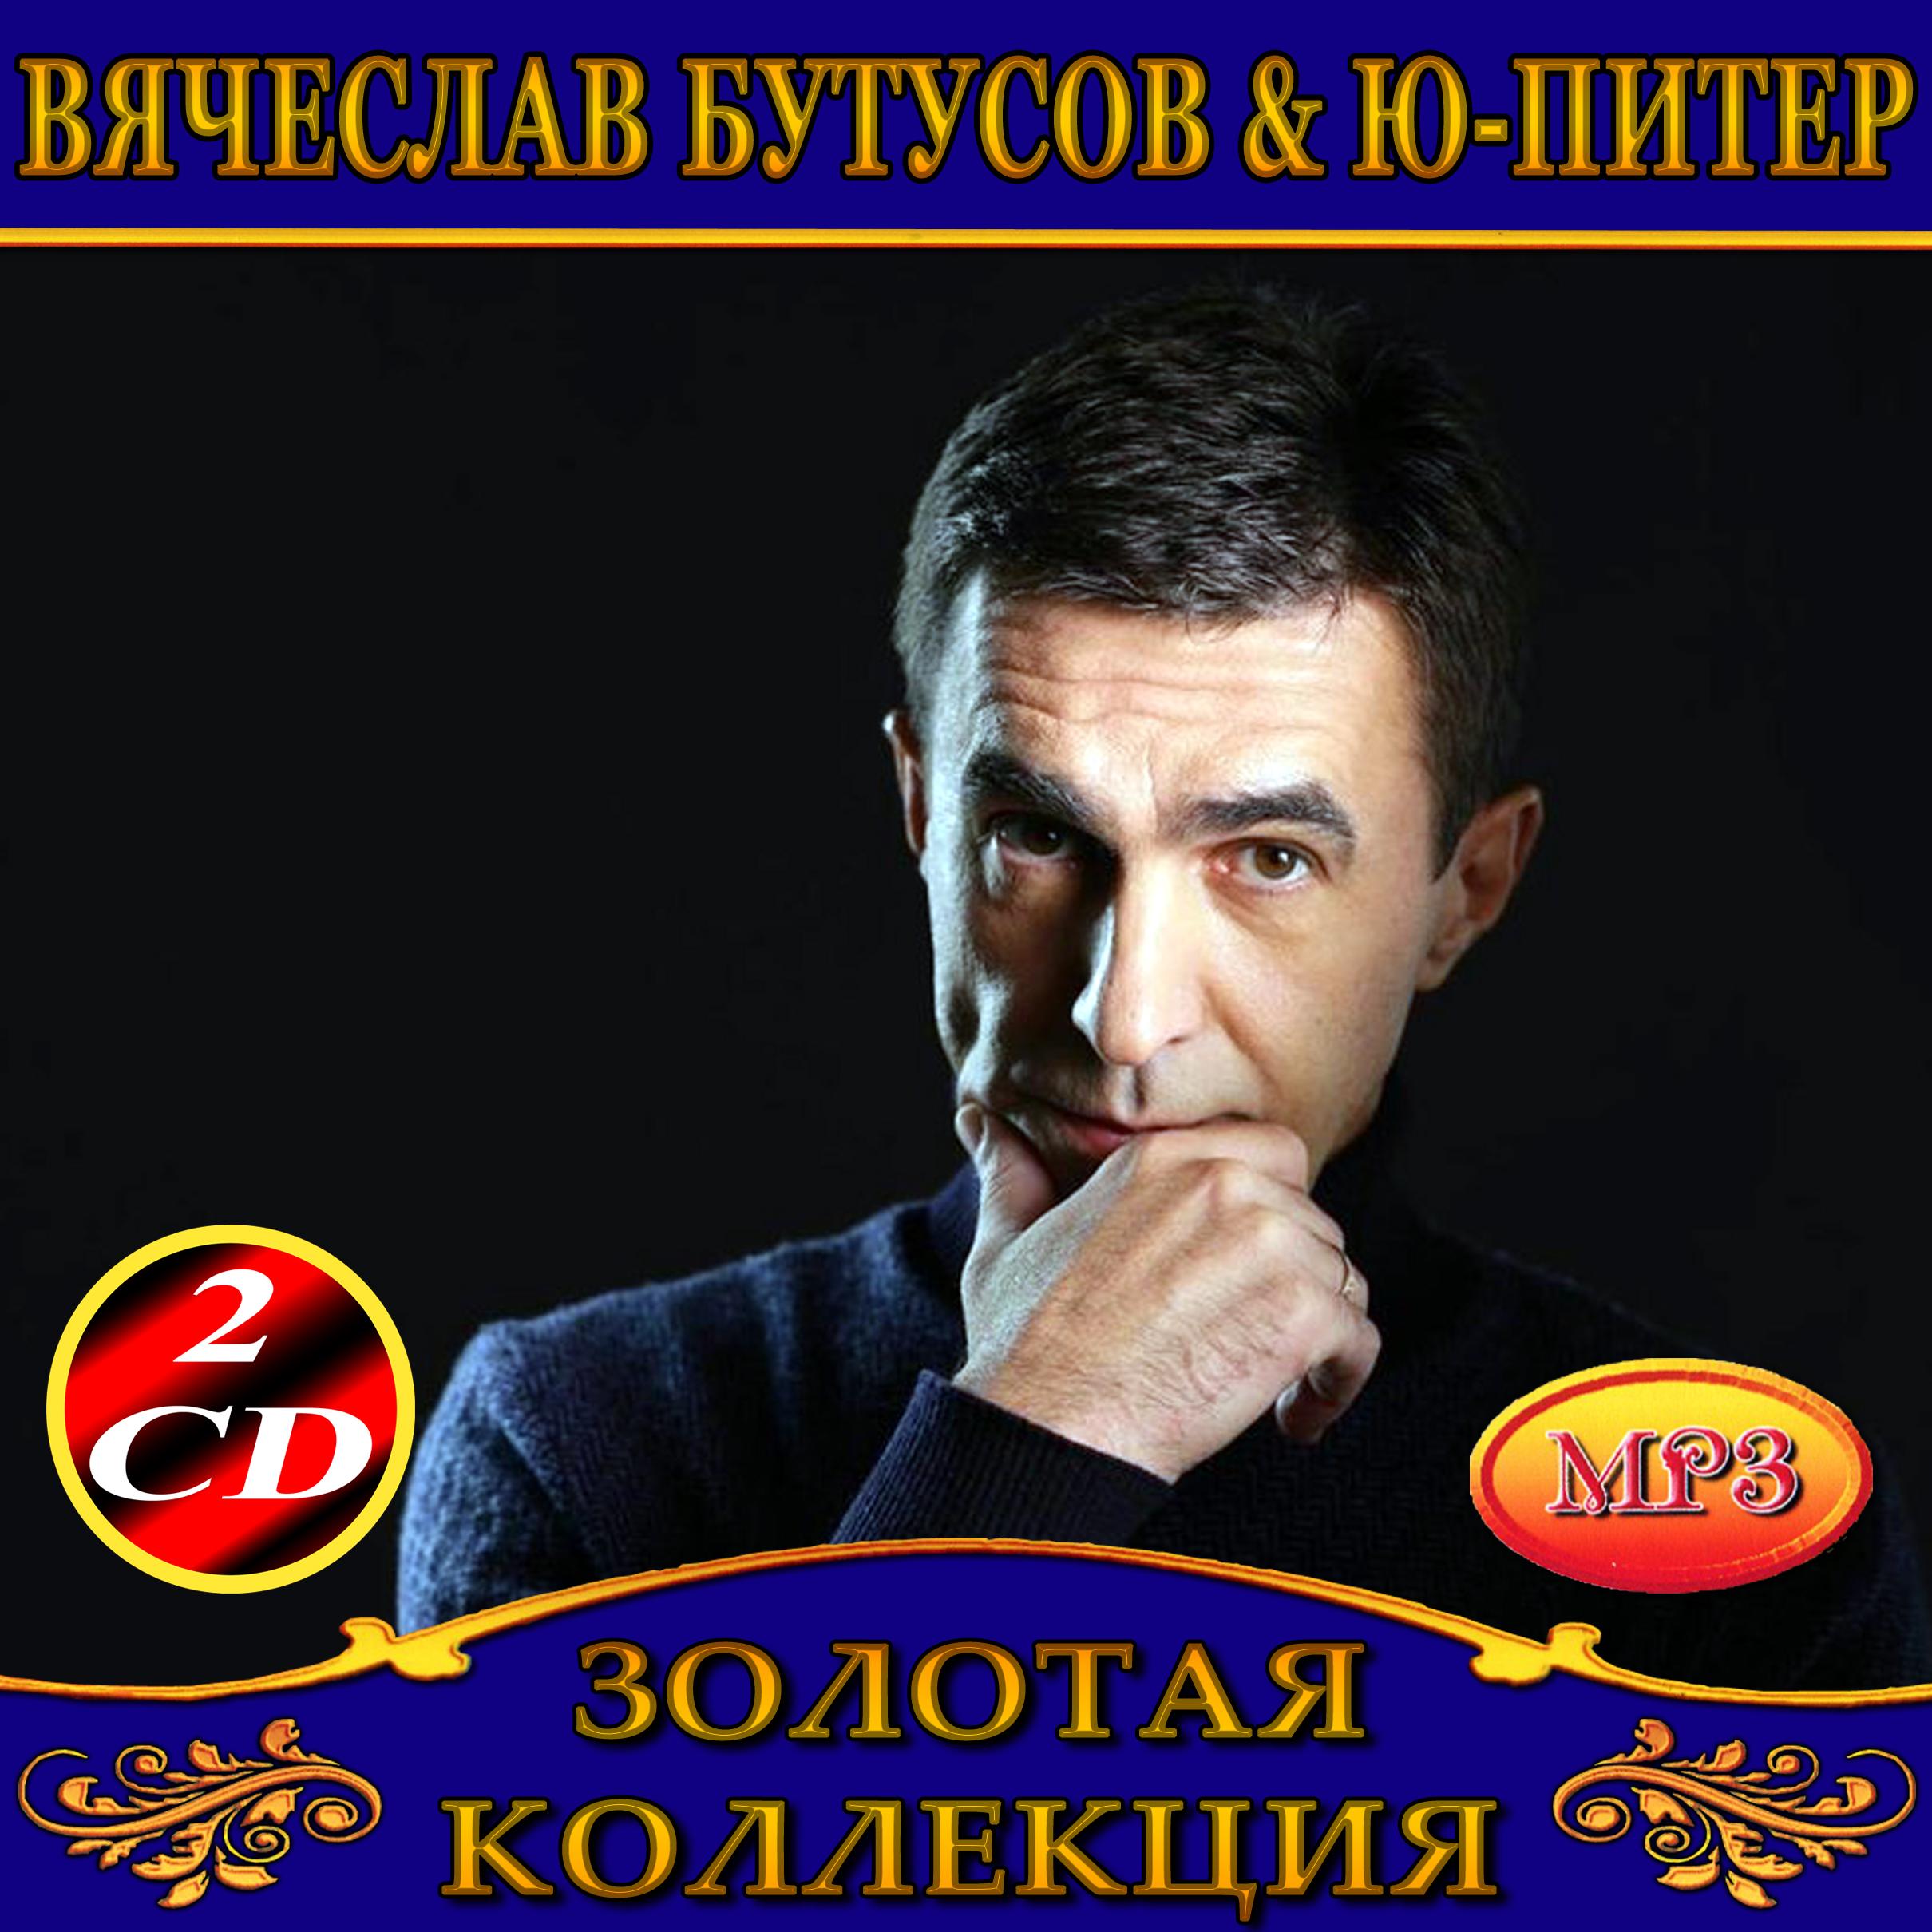 Вячеслав Бутусов & Ю-Питер 2cd [mp3]